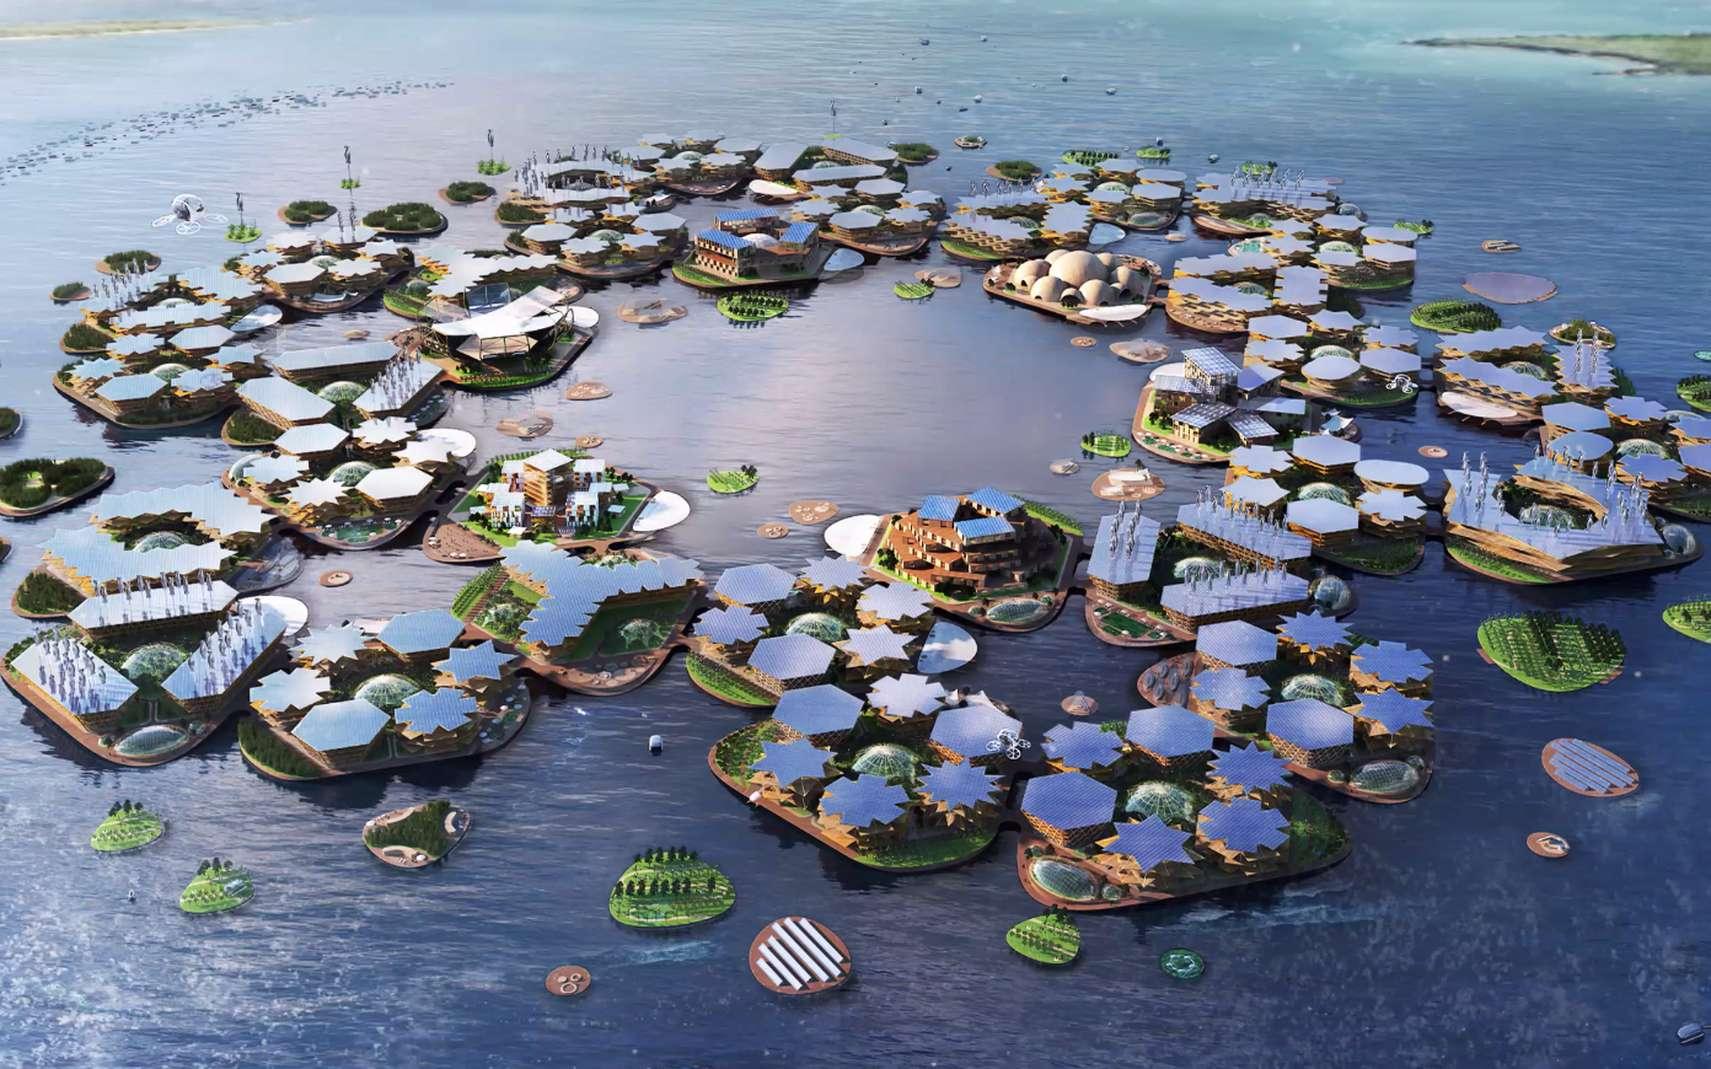 Oceanix city, une ville flottante conçue pour résister aux catastrophes climatiques. © BIG-Bjarke Ingels Group